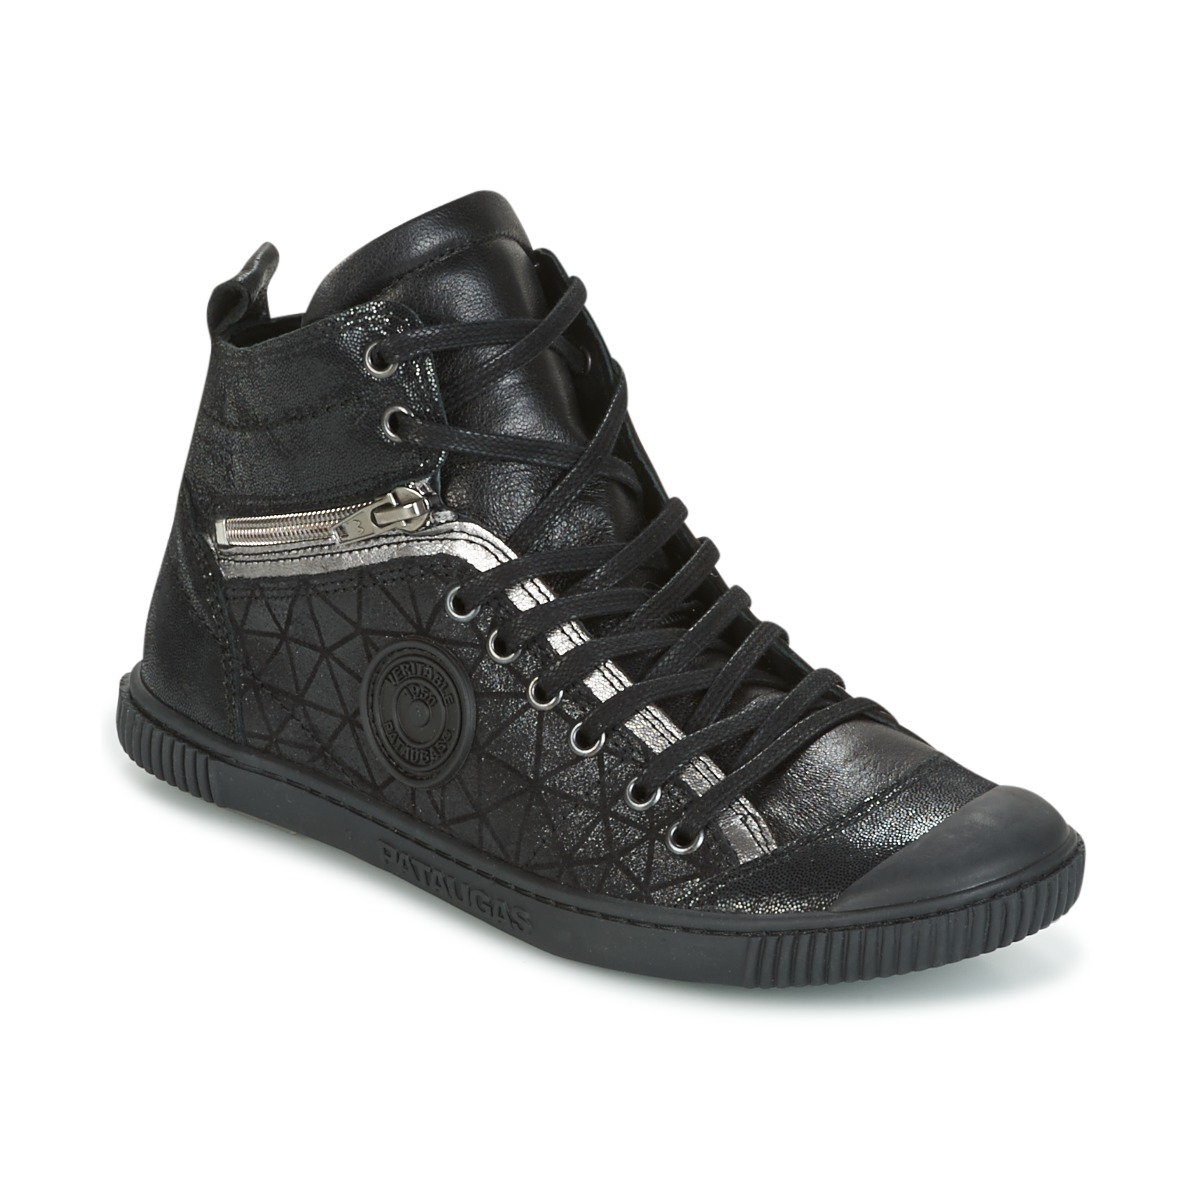 pataugas banjou noir livraison gratuite avec chaussures basket montante femme. Black Bedroom Furniture Sets. Home Design Ideas